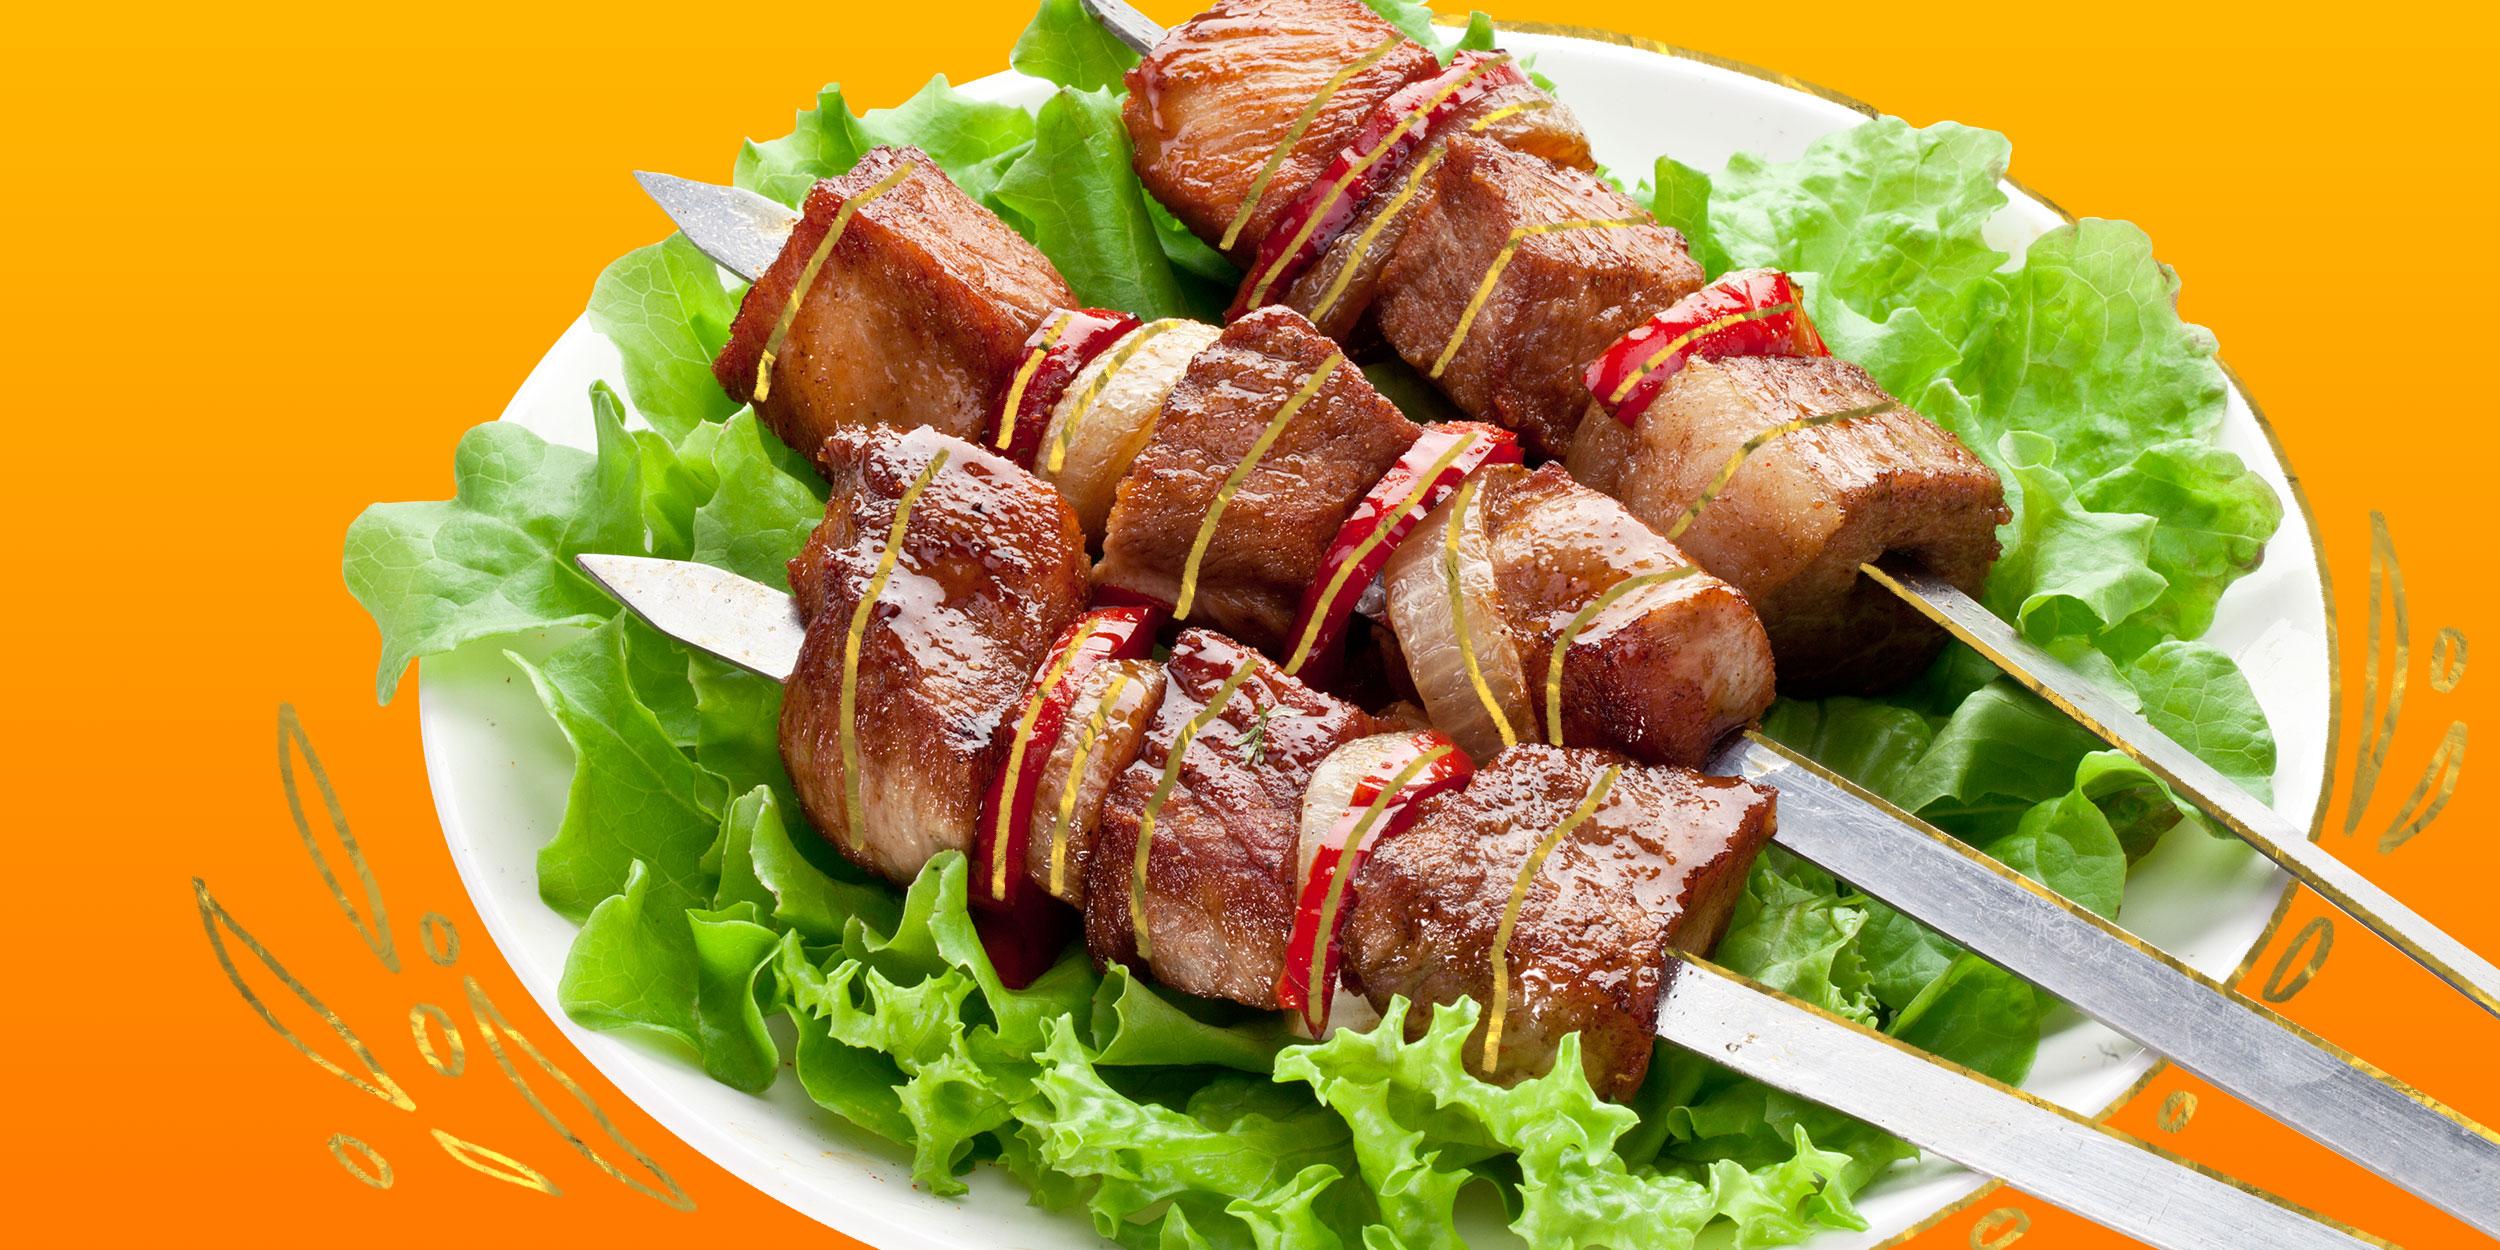 Шашлык из говядины. самый вкусный маринад чтобы мясо было мягким и сочным